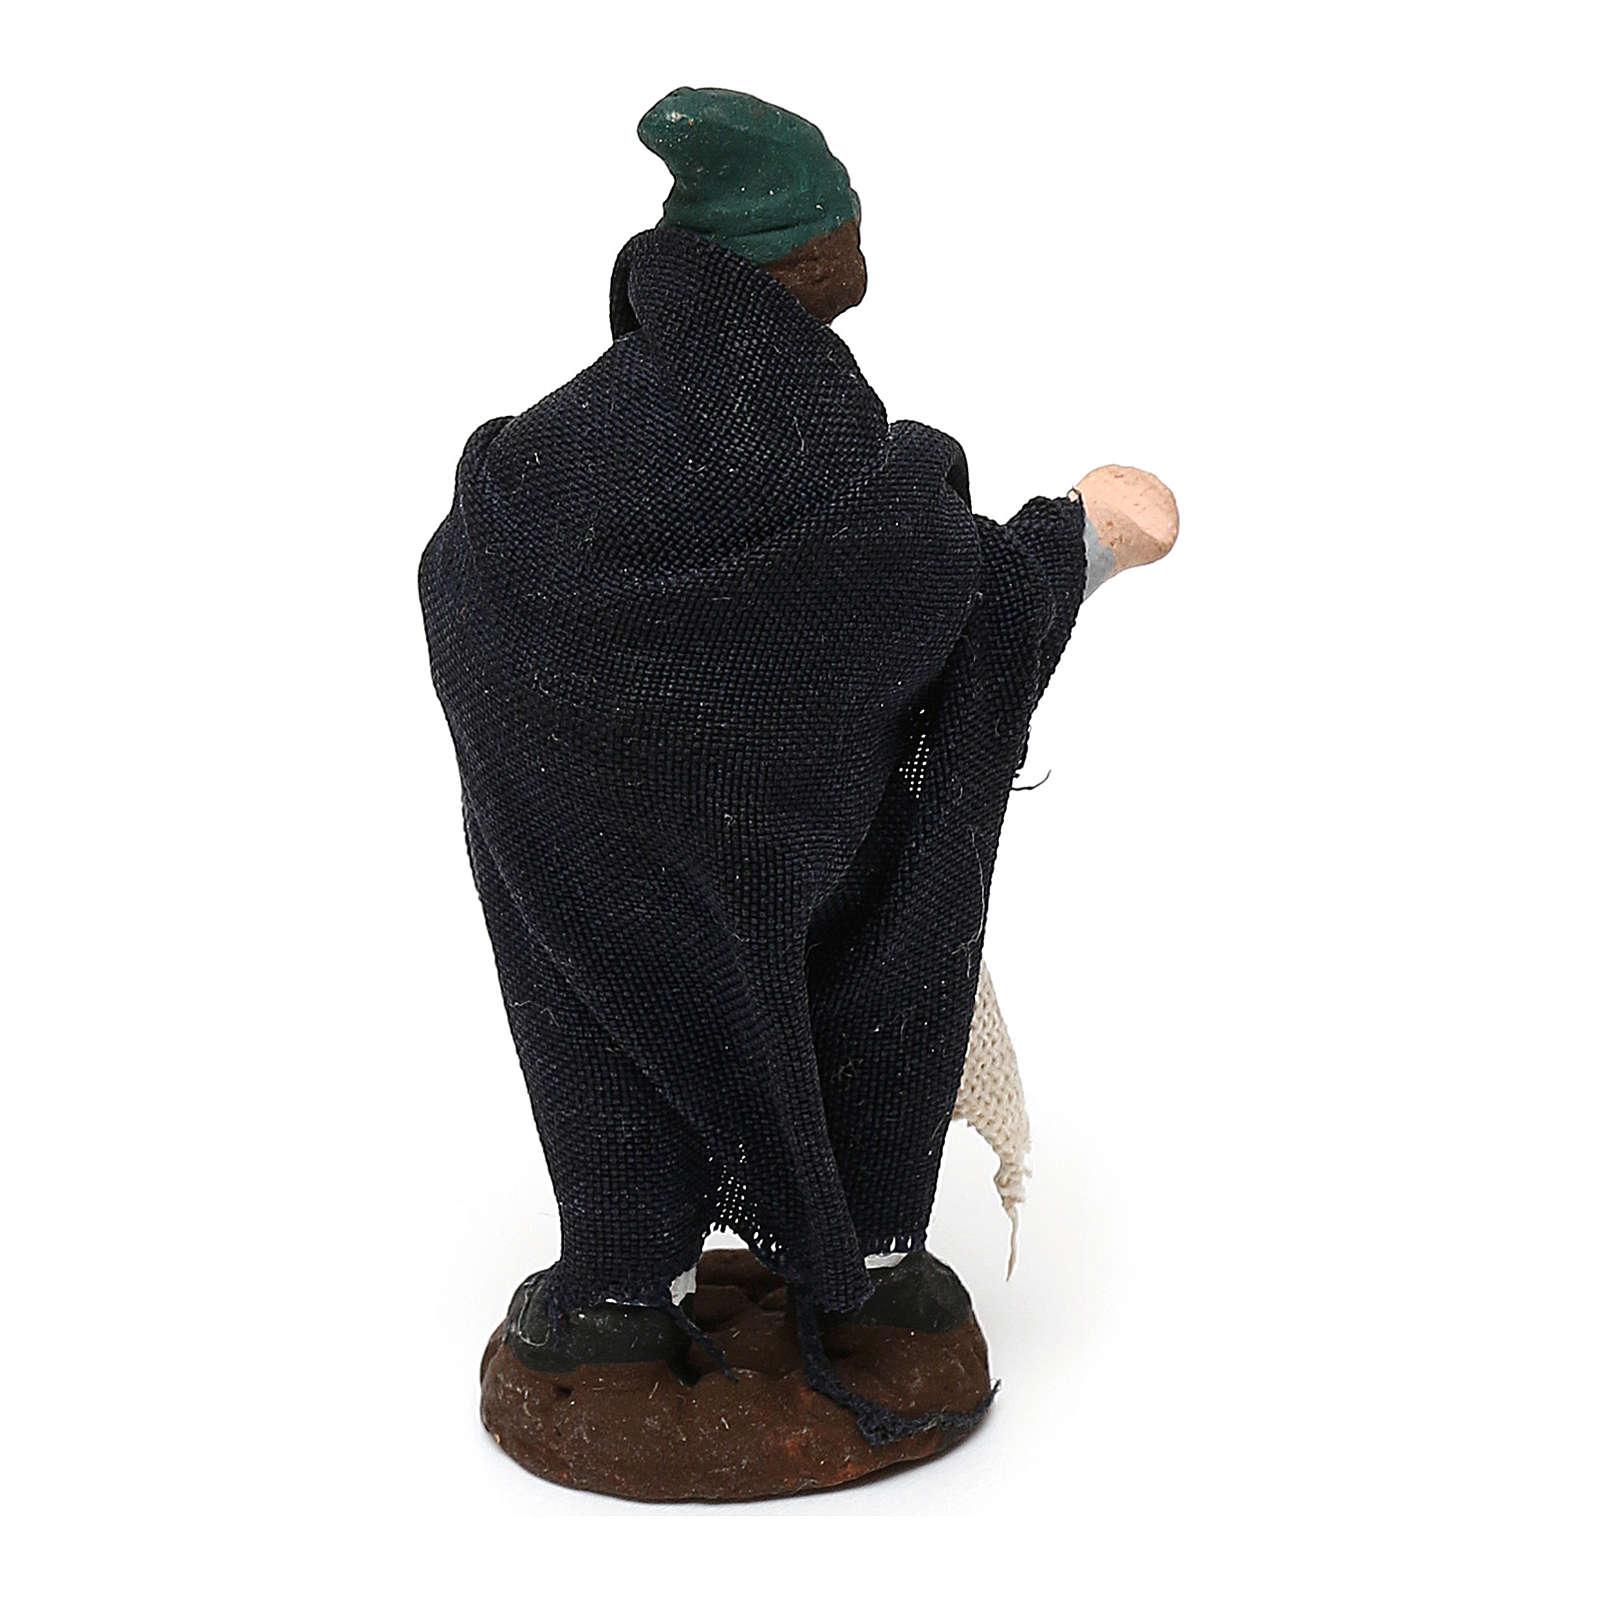 STOCK Pastore in terracotta per presepe Napoli con veste 4 cm 4